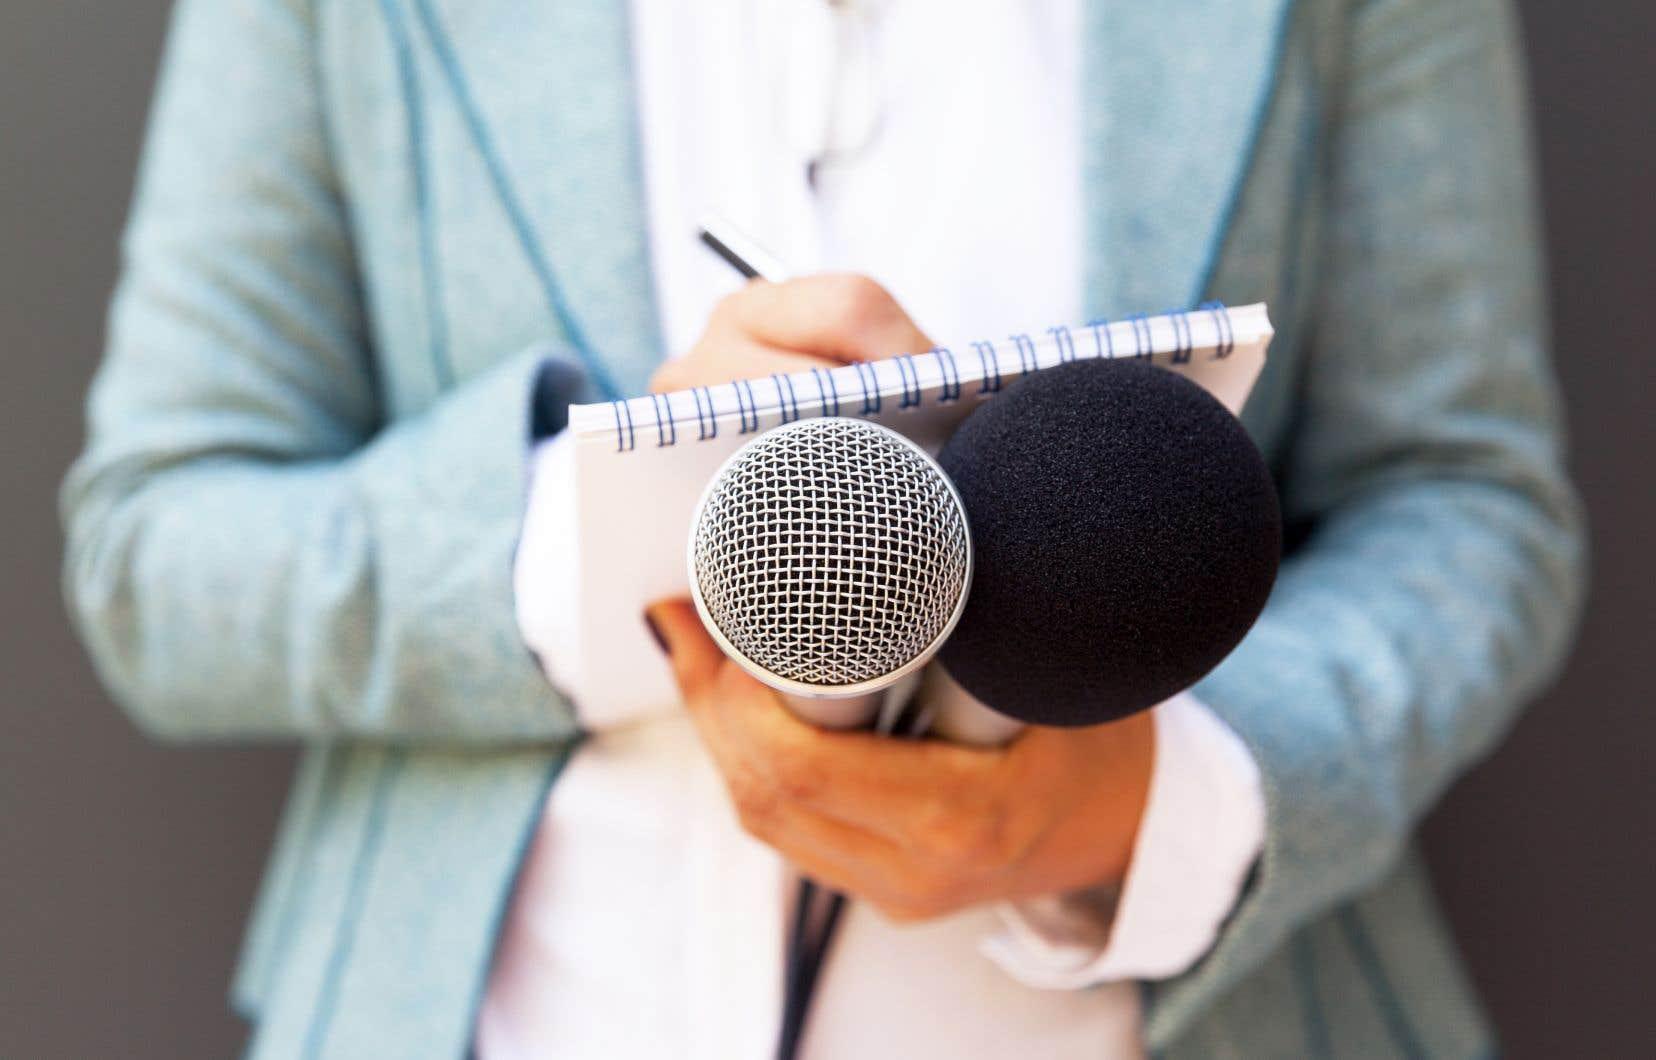 L'idée d'une agence entièrement financée par l'État qui assurerait une couverture régionale sera présentée à la Commission sur l'avenir des médias.